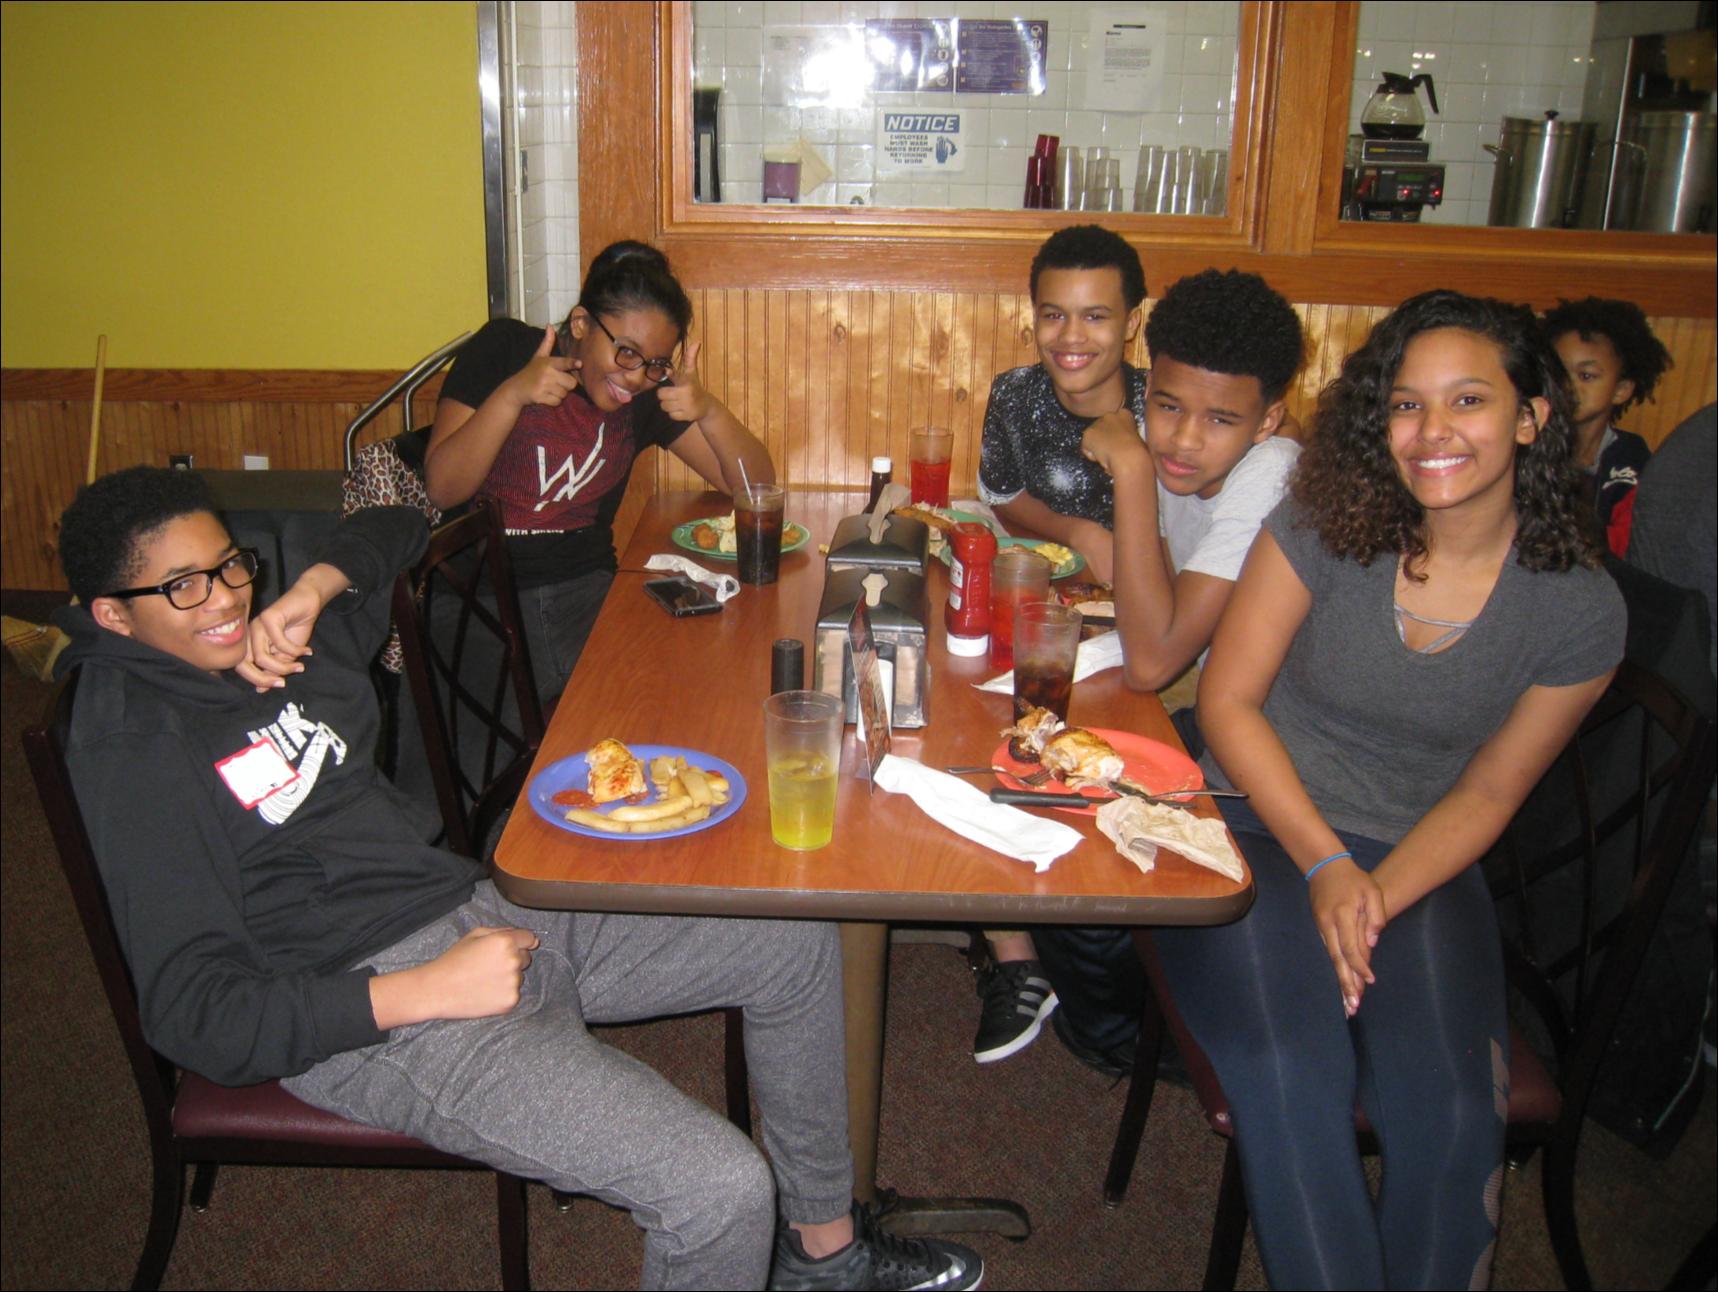 Lawrenceville Family Dinner 5